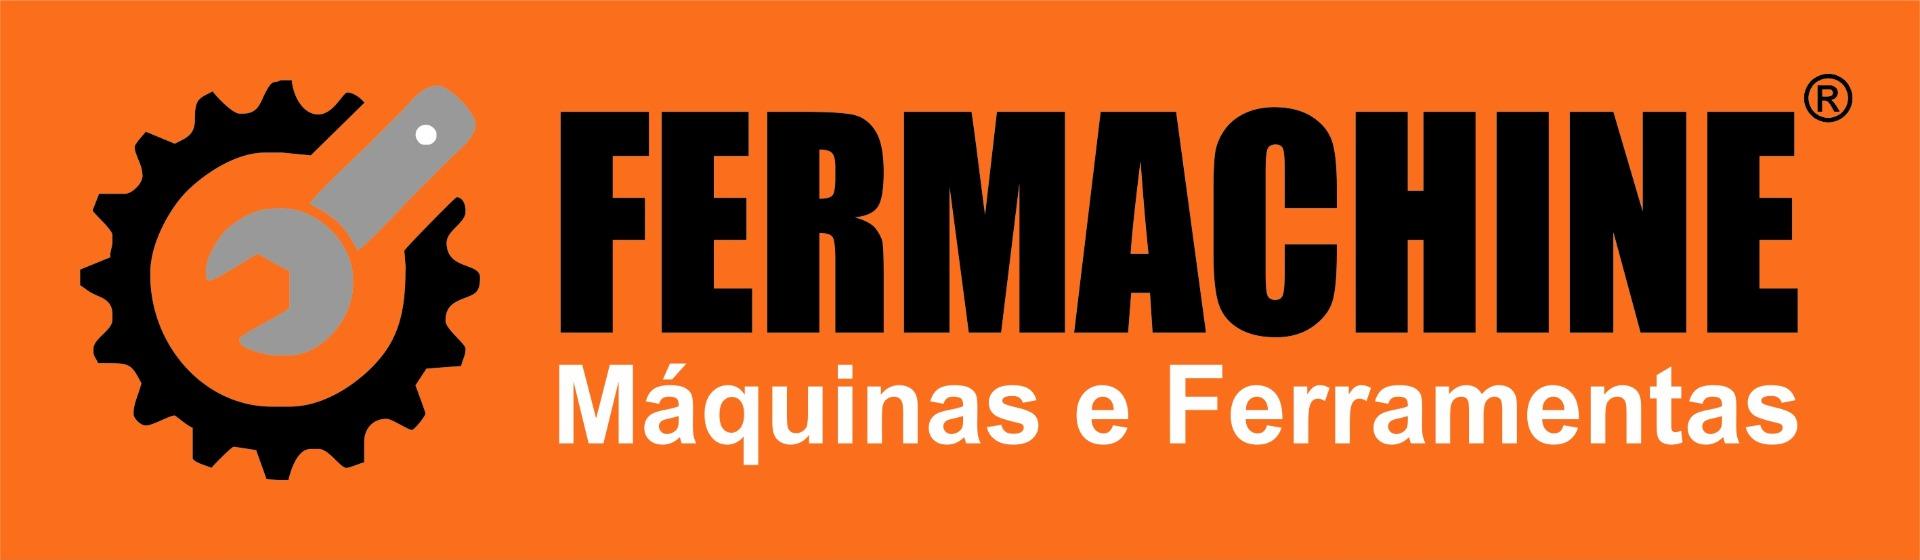 FERMACHINE